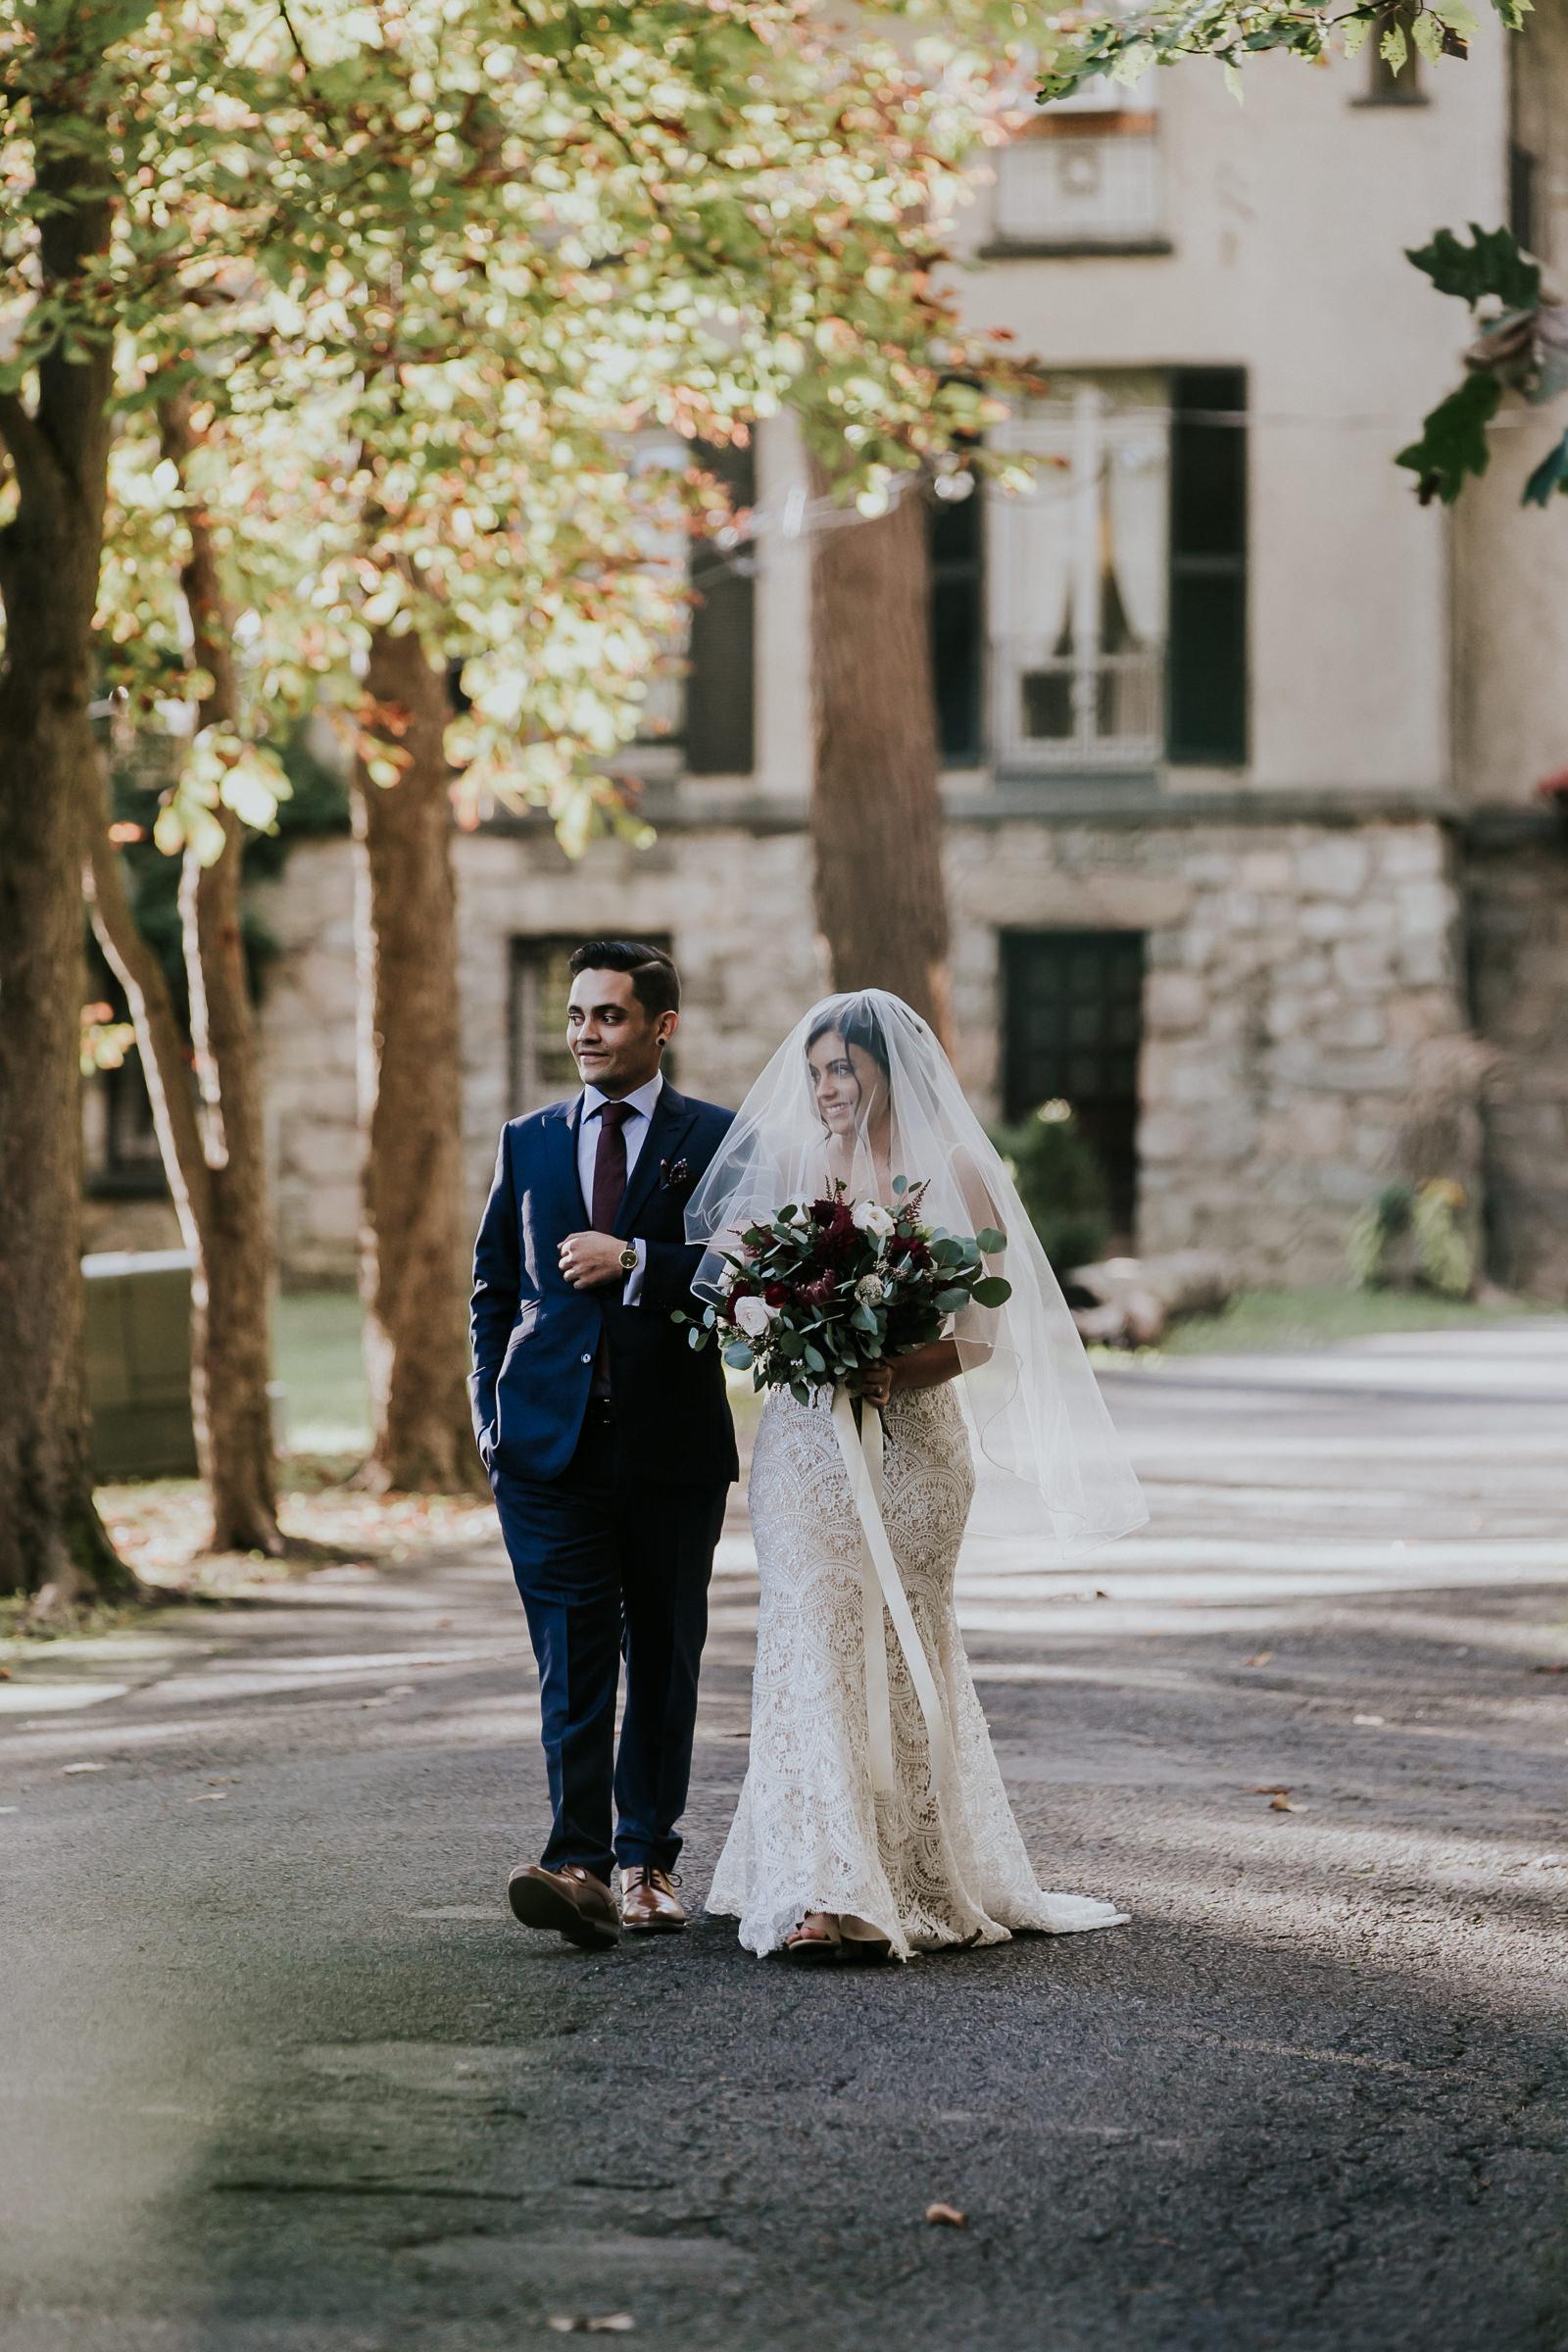 Arrow-Park-Monroe-NY-Documentary-Wedding-Photographer-44.jpg